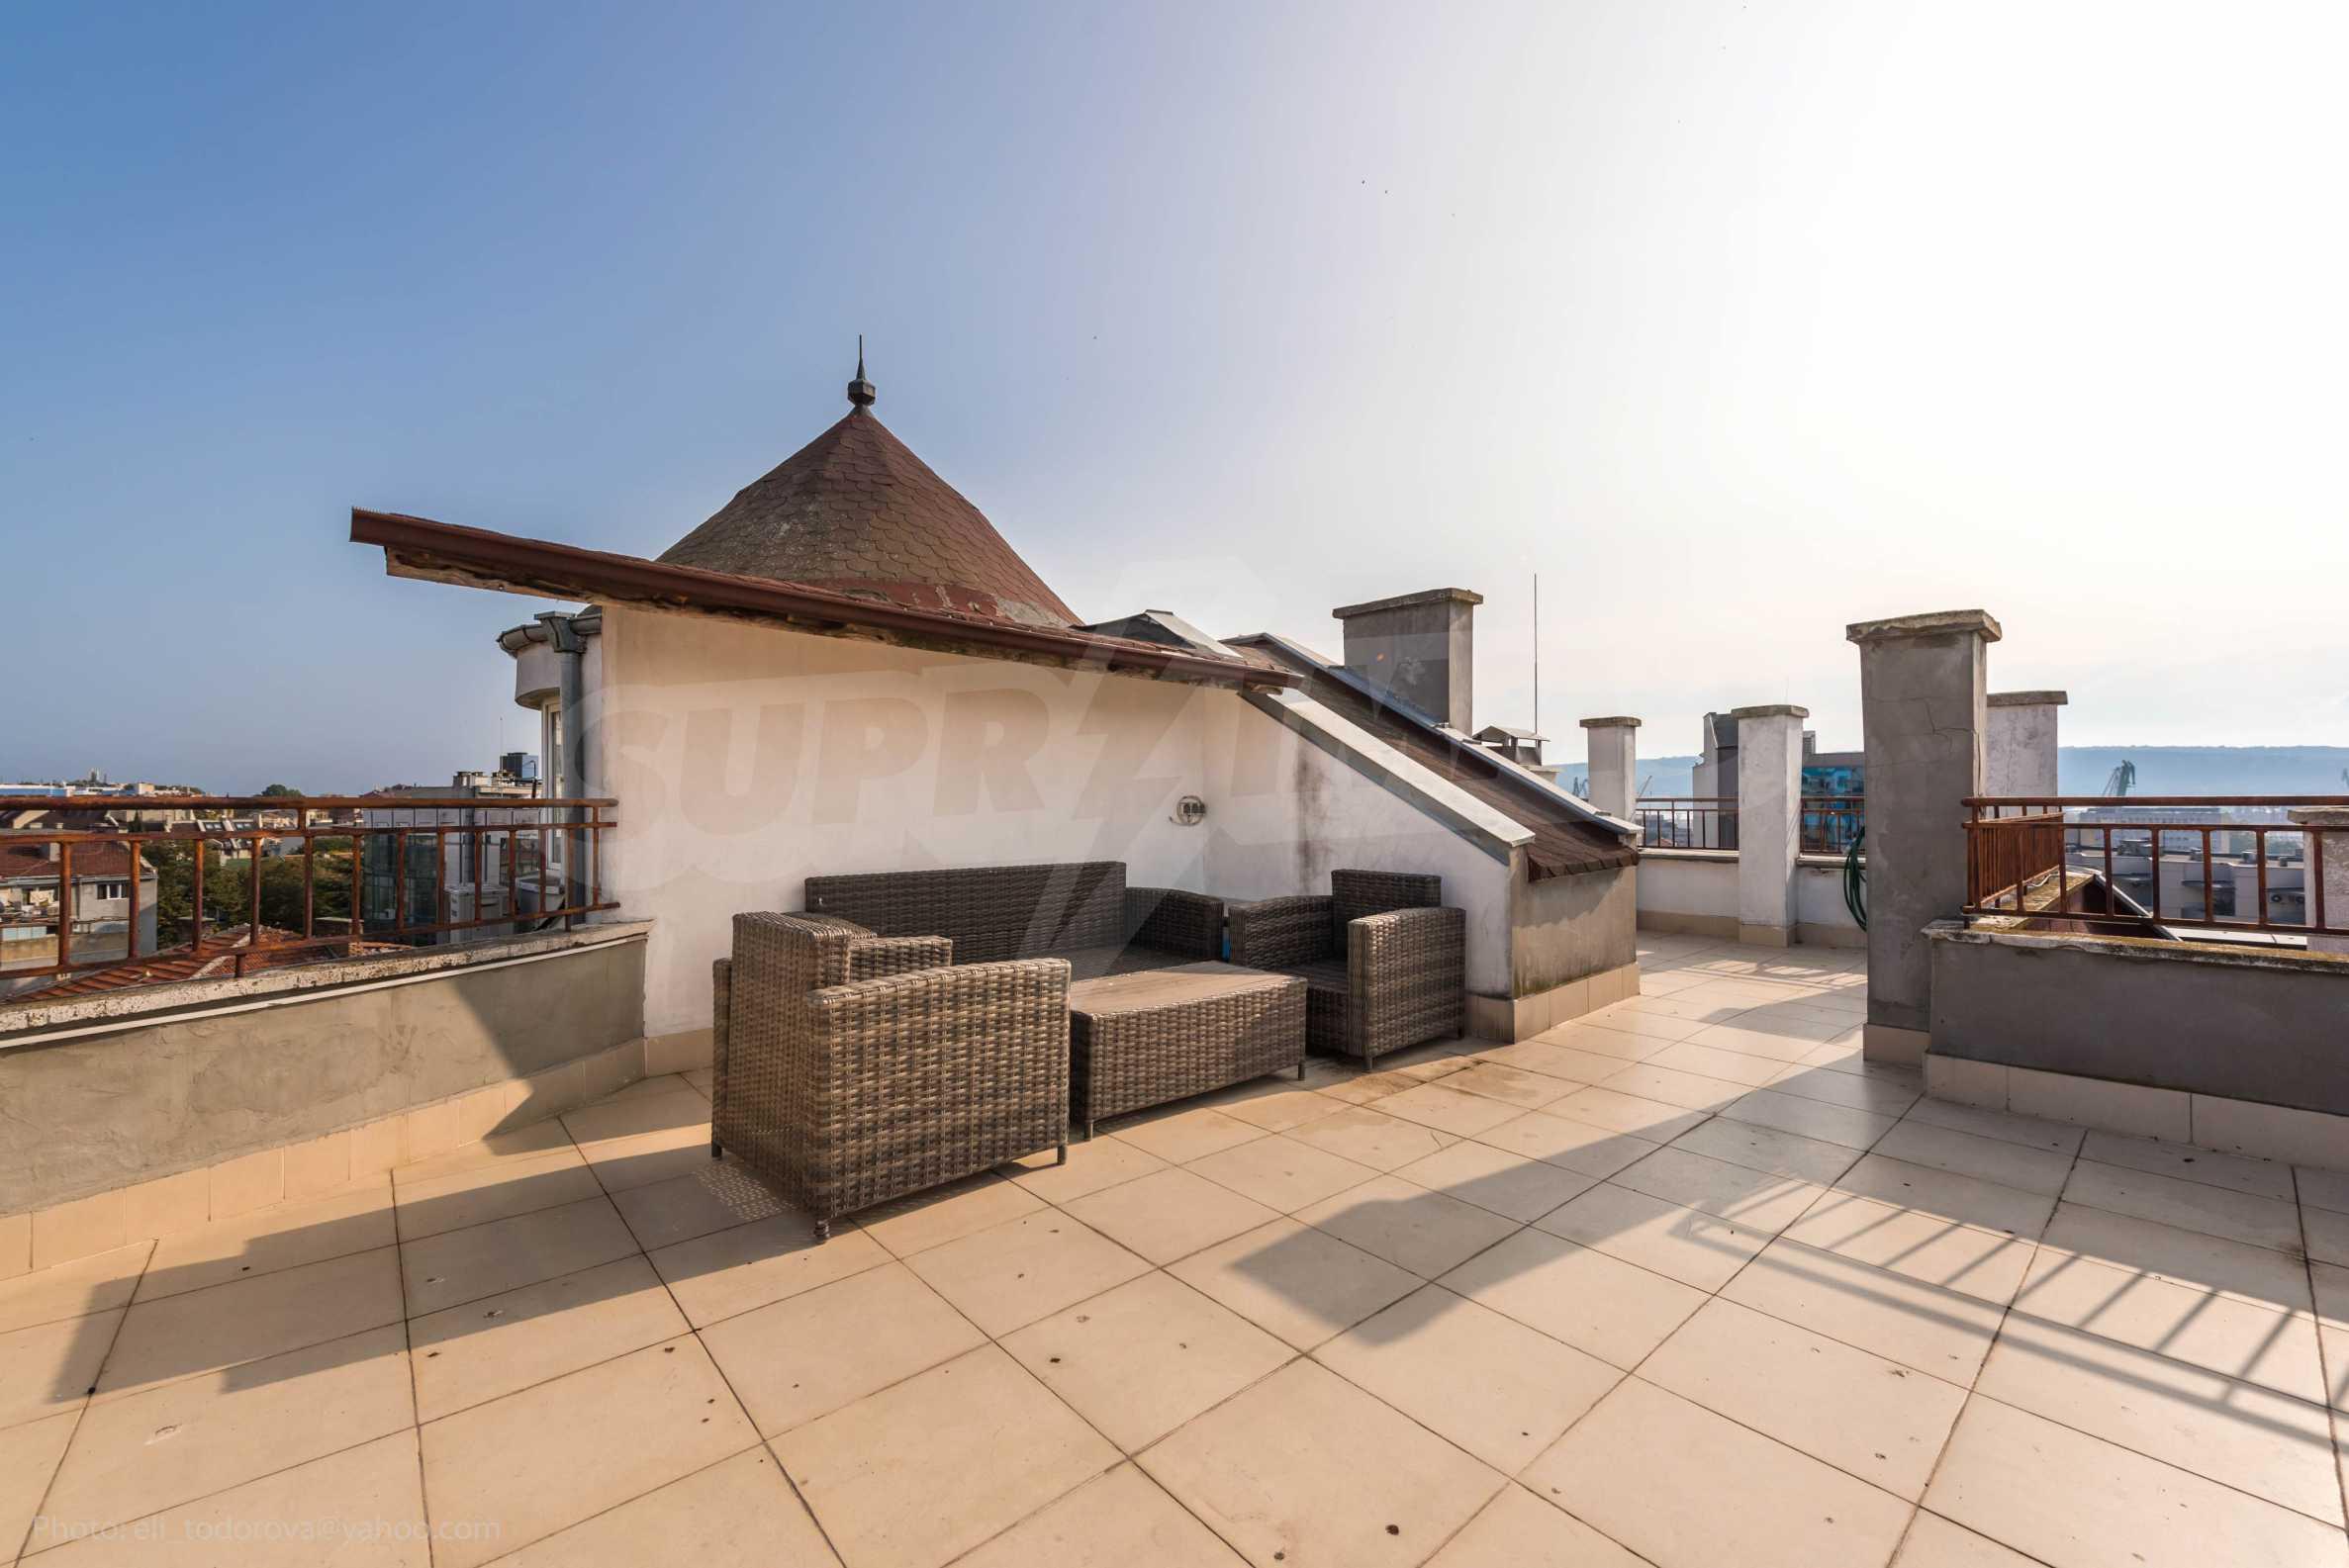 Квартира «Миша» - отличная трехкомнатная недвижимость в идеальном центре. 26